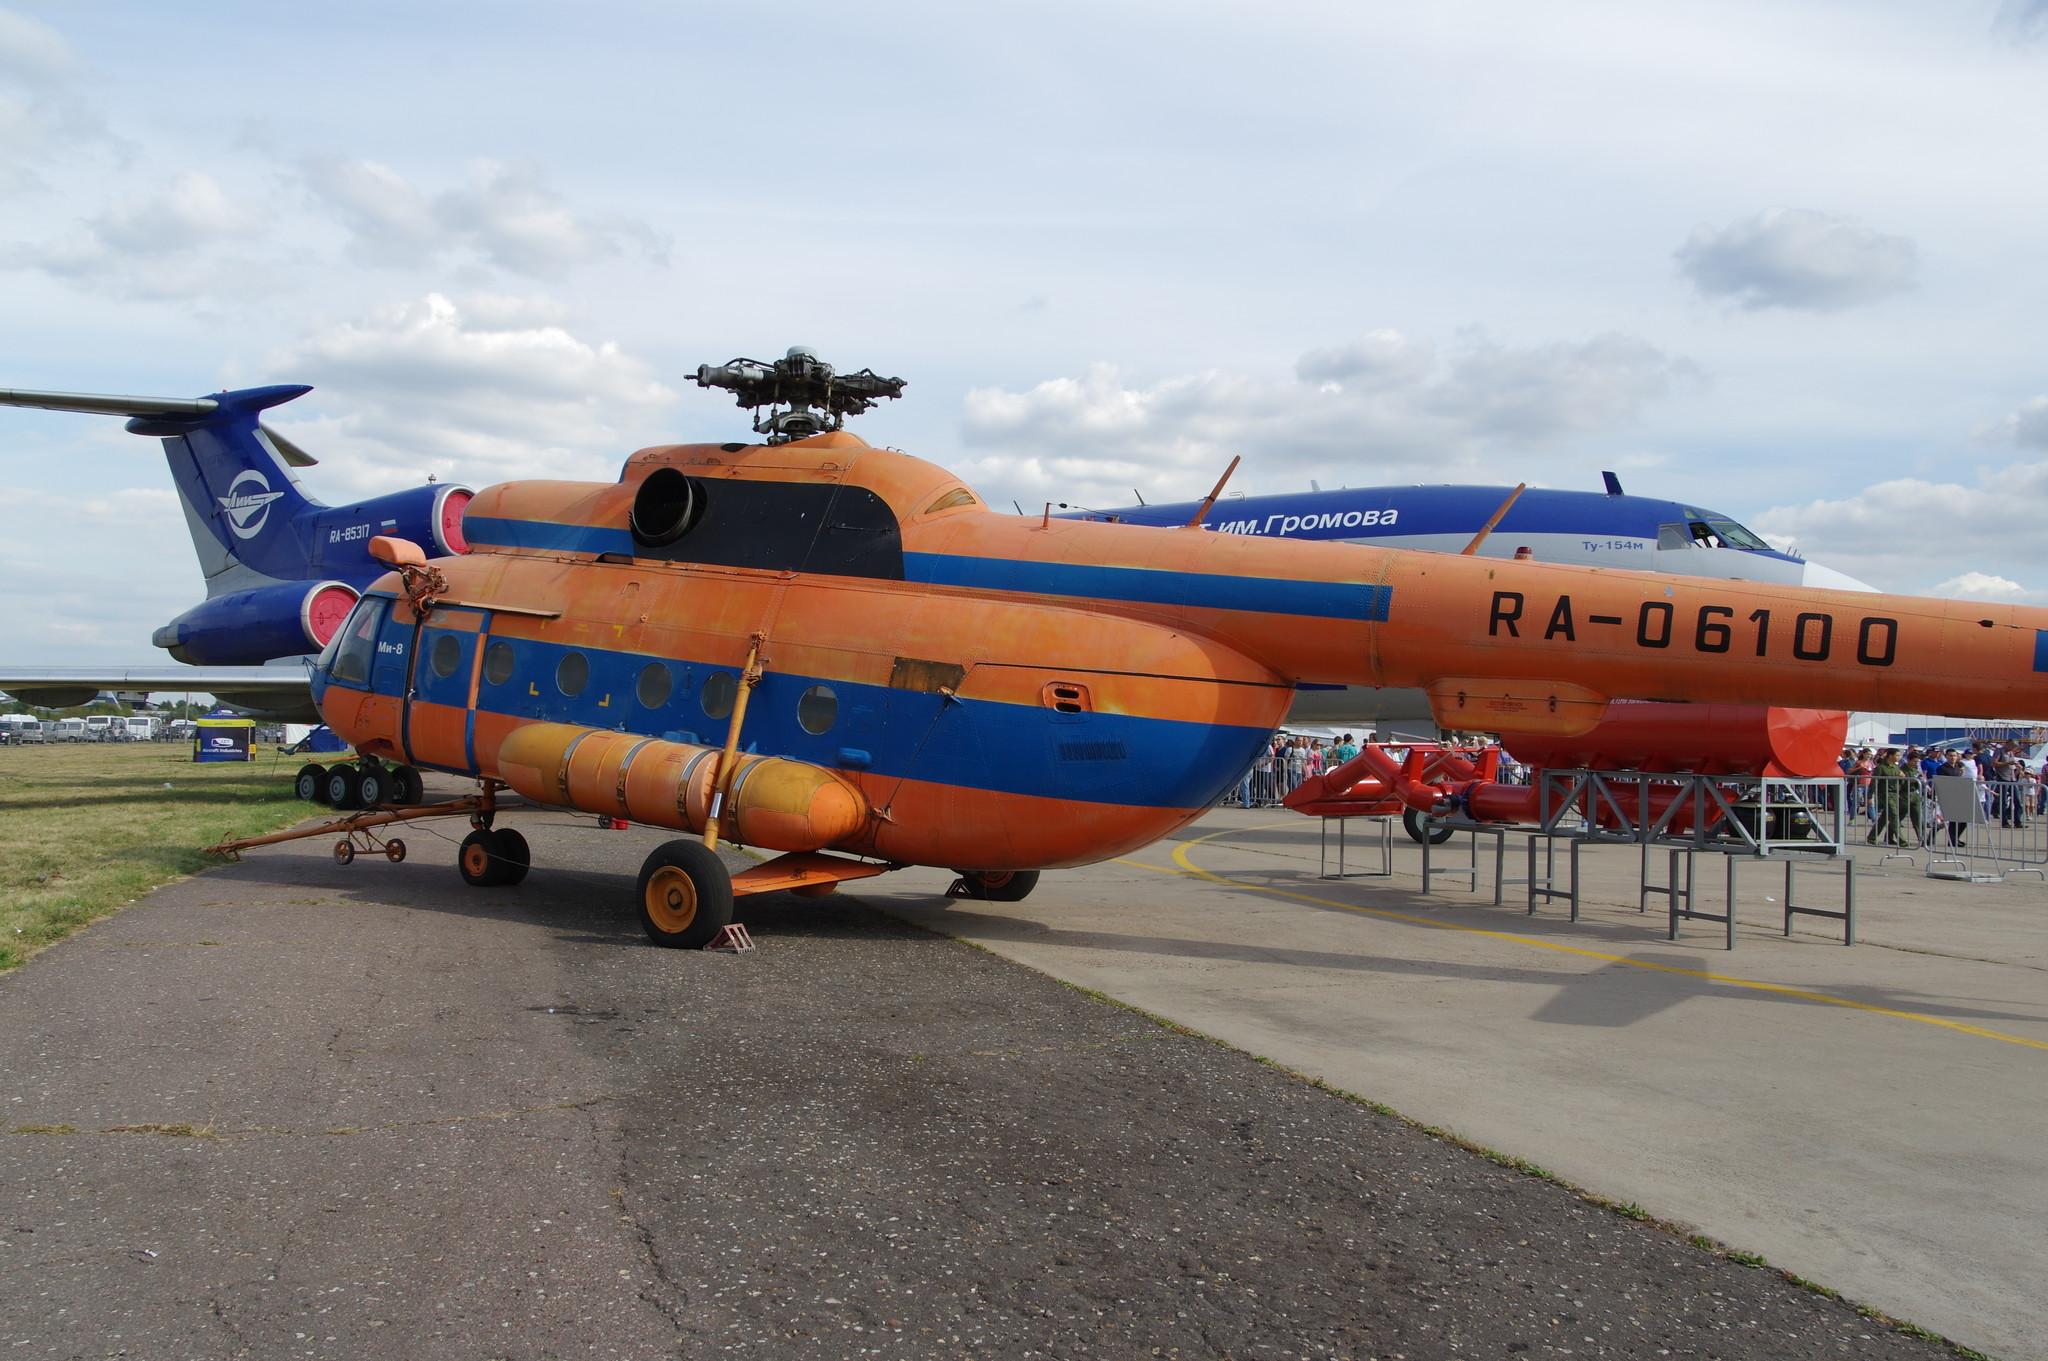 Летающая лаборатория Ми-8Т модель-демонстратор системы выливной авиационной универсальной СВАУ ЛИИ МД